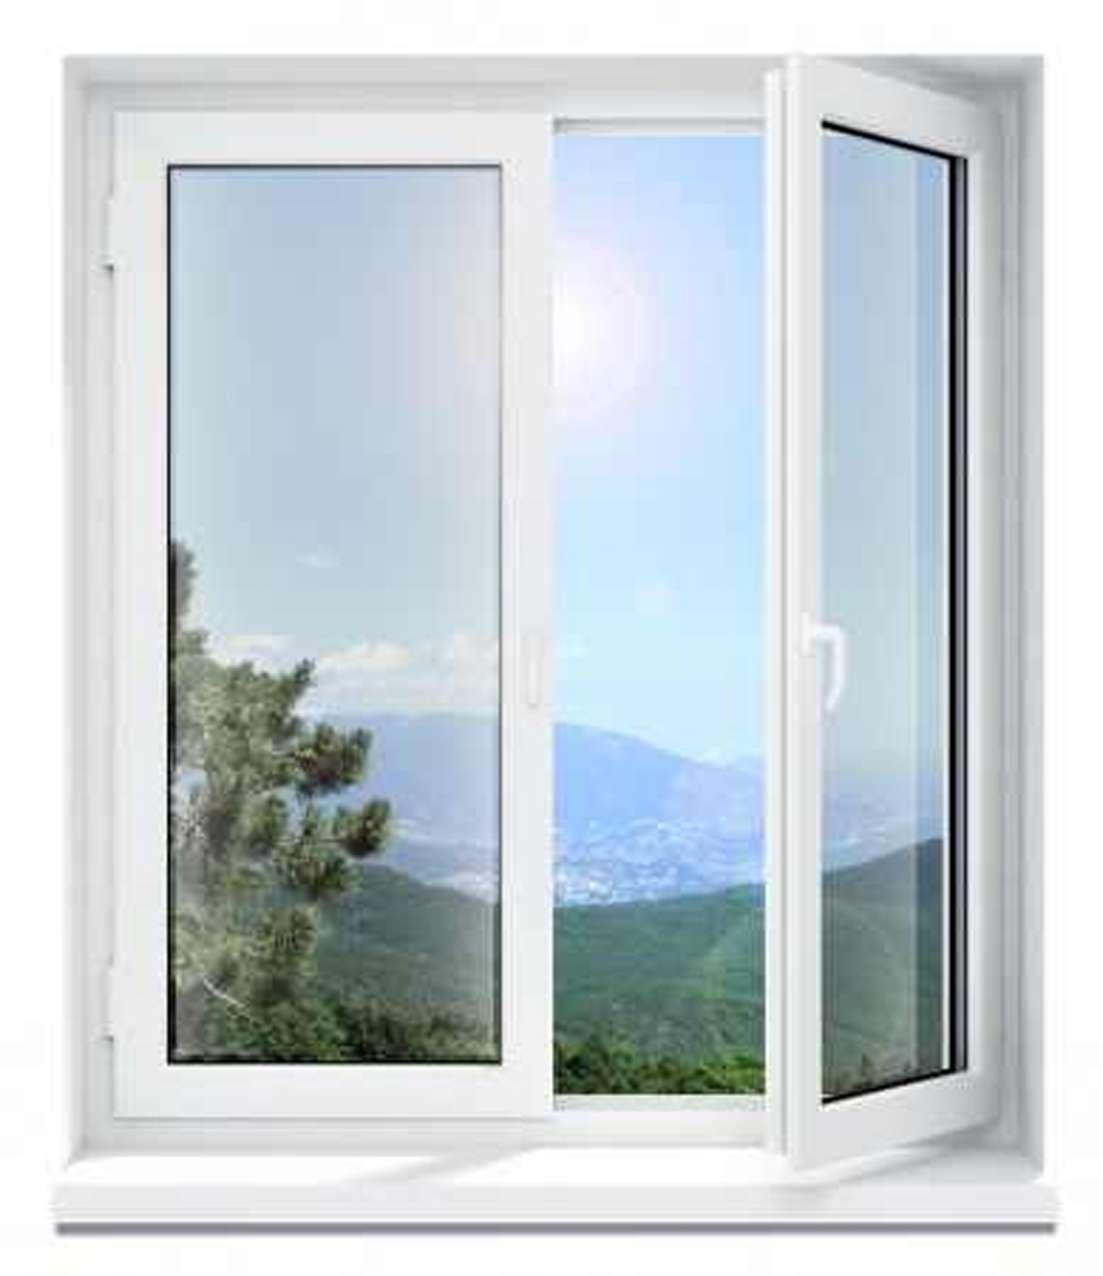 Full Size of Sonnenschutzfolie Fenster Folie Silber Auf Glas Innen Schüco Kunststoff Sonnenschutz Velux Kaufen Sicherheitsfolie Alte Flachdach Reinigen Mit Integriertem Fenster Sonnenschutzfolie Fenster